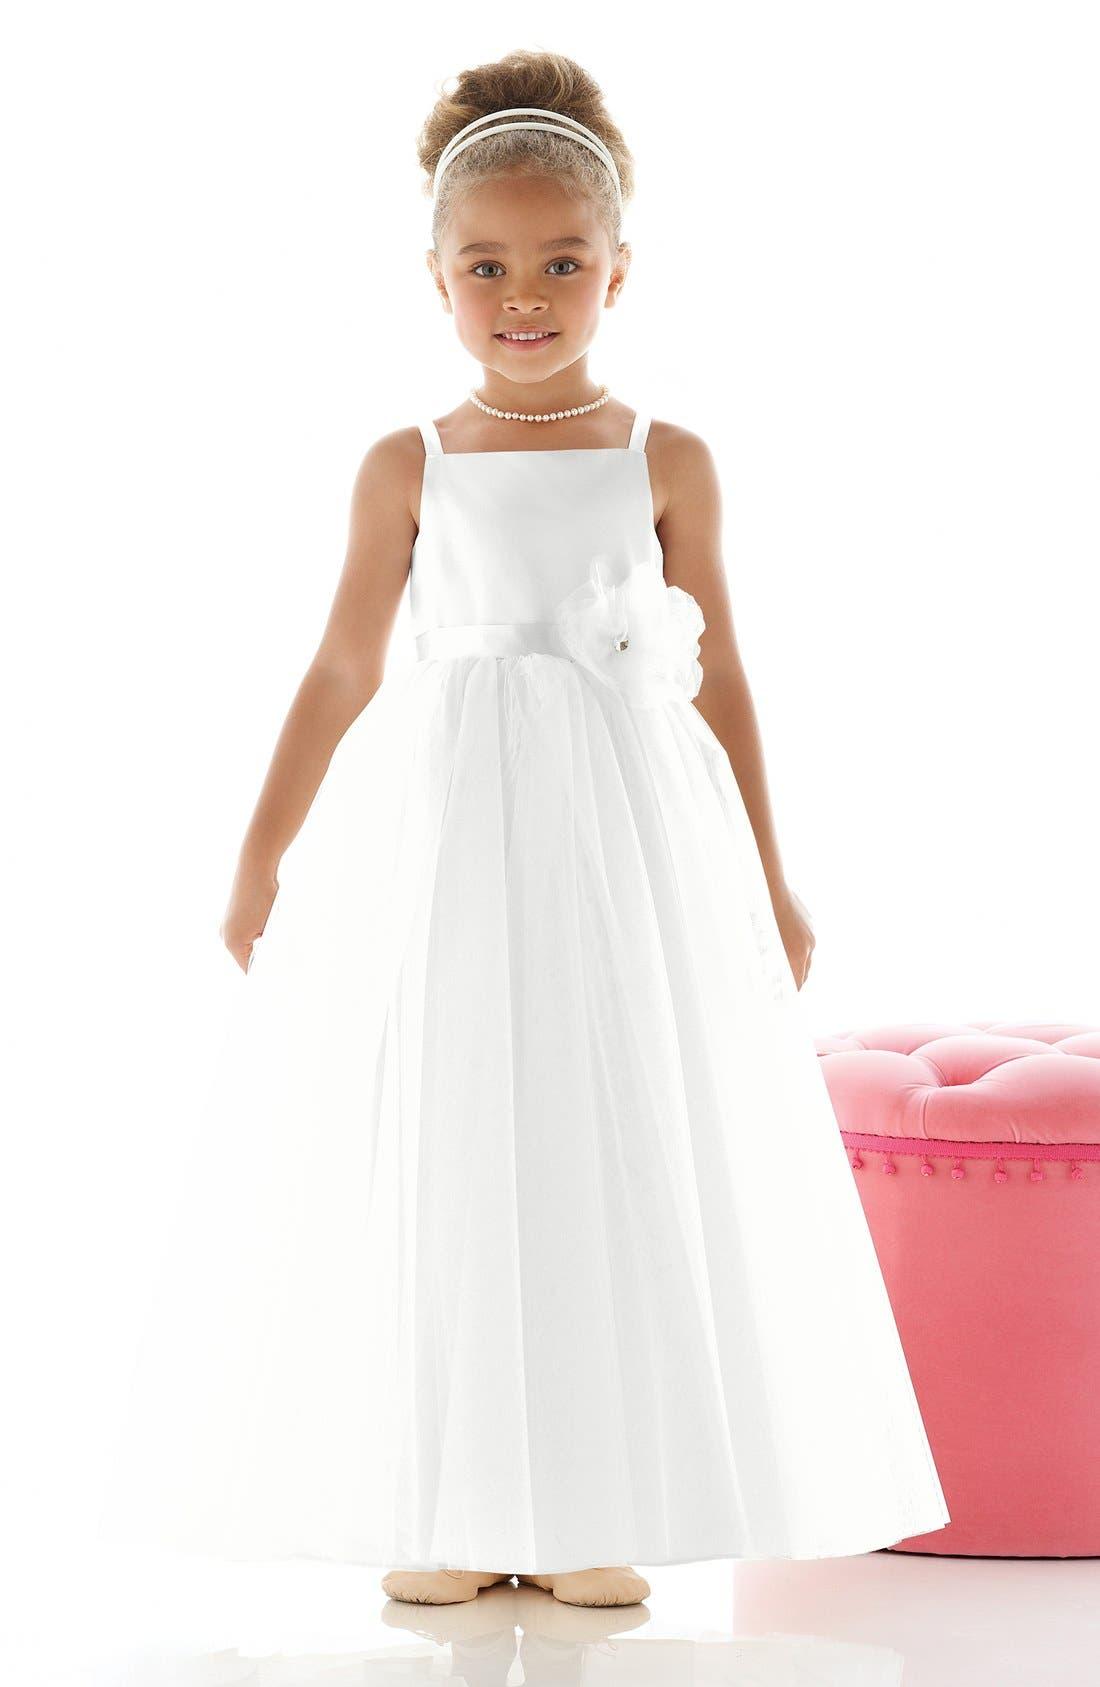 'Rose' Satin & Tulle Flower Girl Dress,                         Main,                         color, White